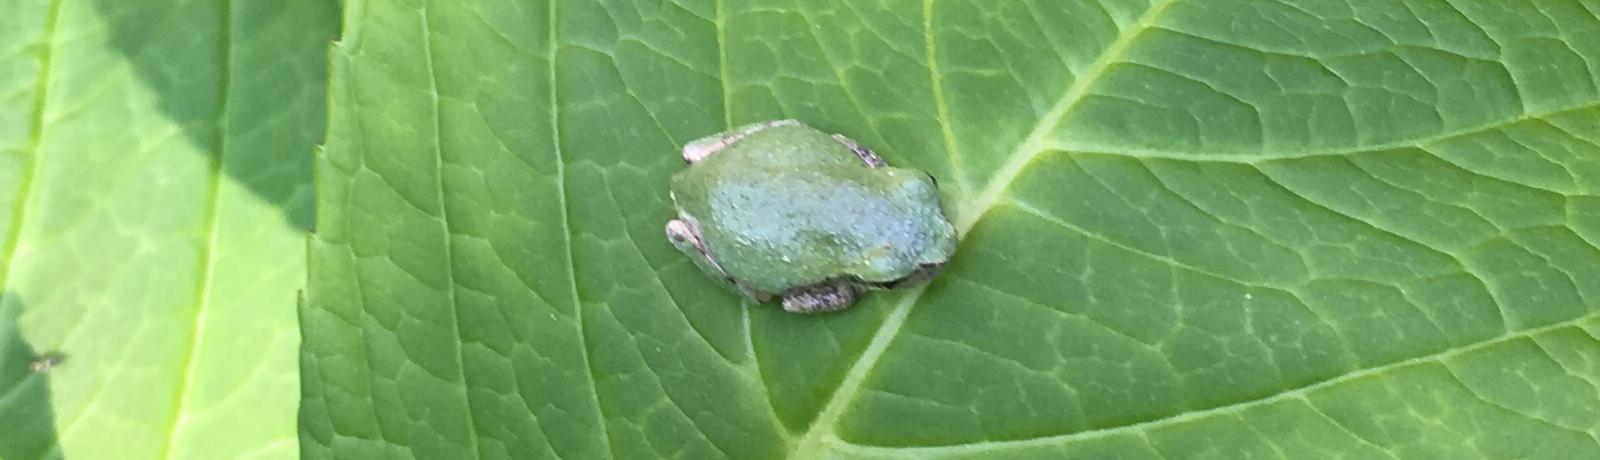 A Spring Peeper on a Hydrangea leaf.